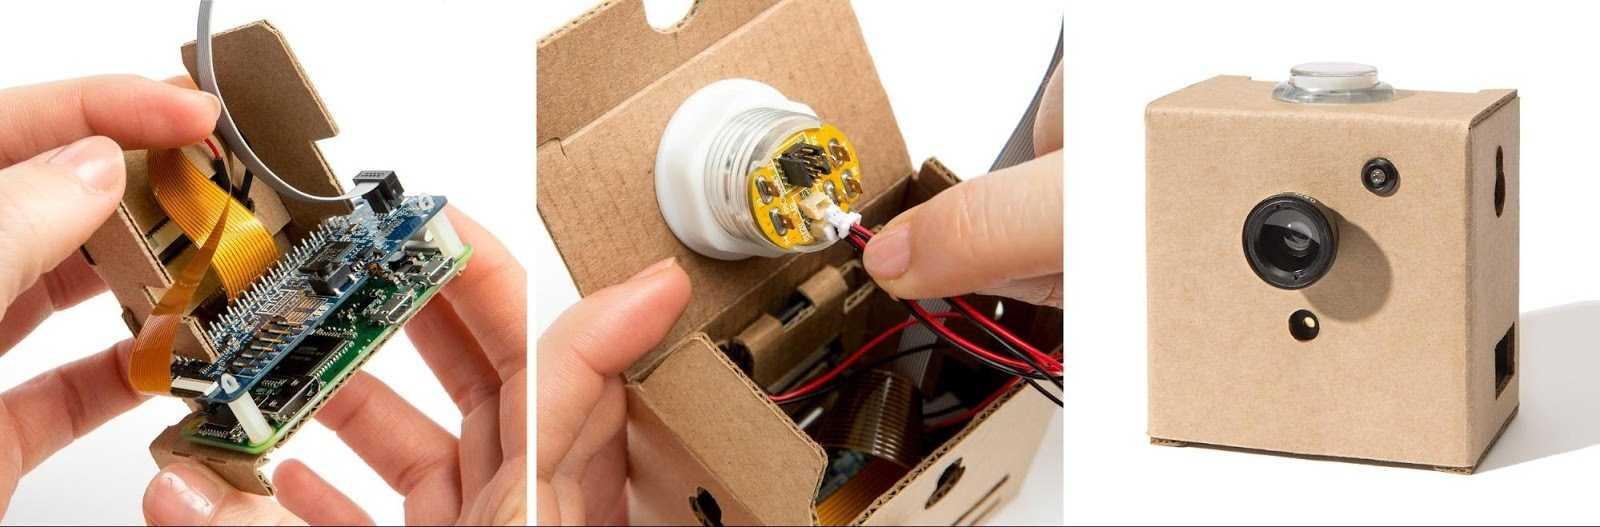 Wie beim Voice Kit hält auch beim Vision Kit ein Pappgehäuse alles zusammen.